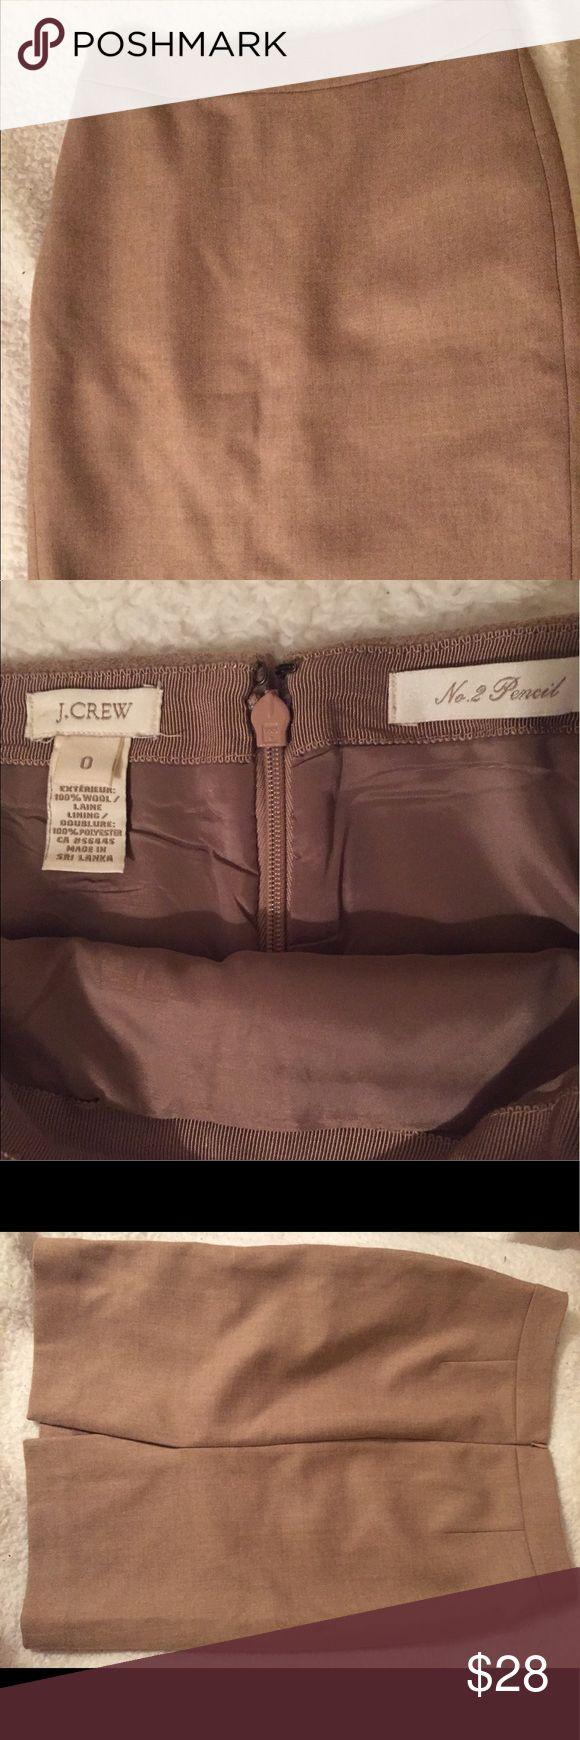 JCrew No.2 tan pencil skirt size 0 JCrew No.2 tan pencil skirt size 0, 100% wool. Double lining J. Crew Skirts Pencil